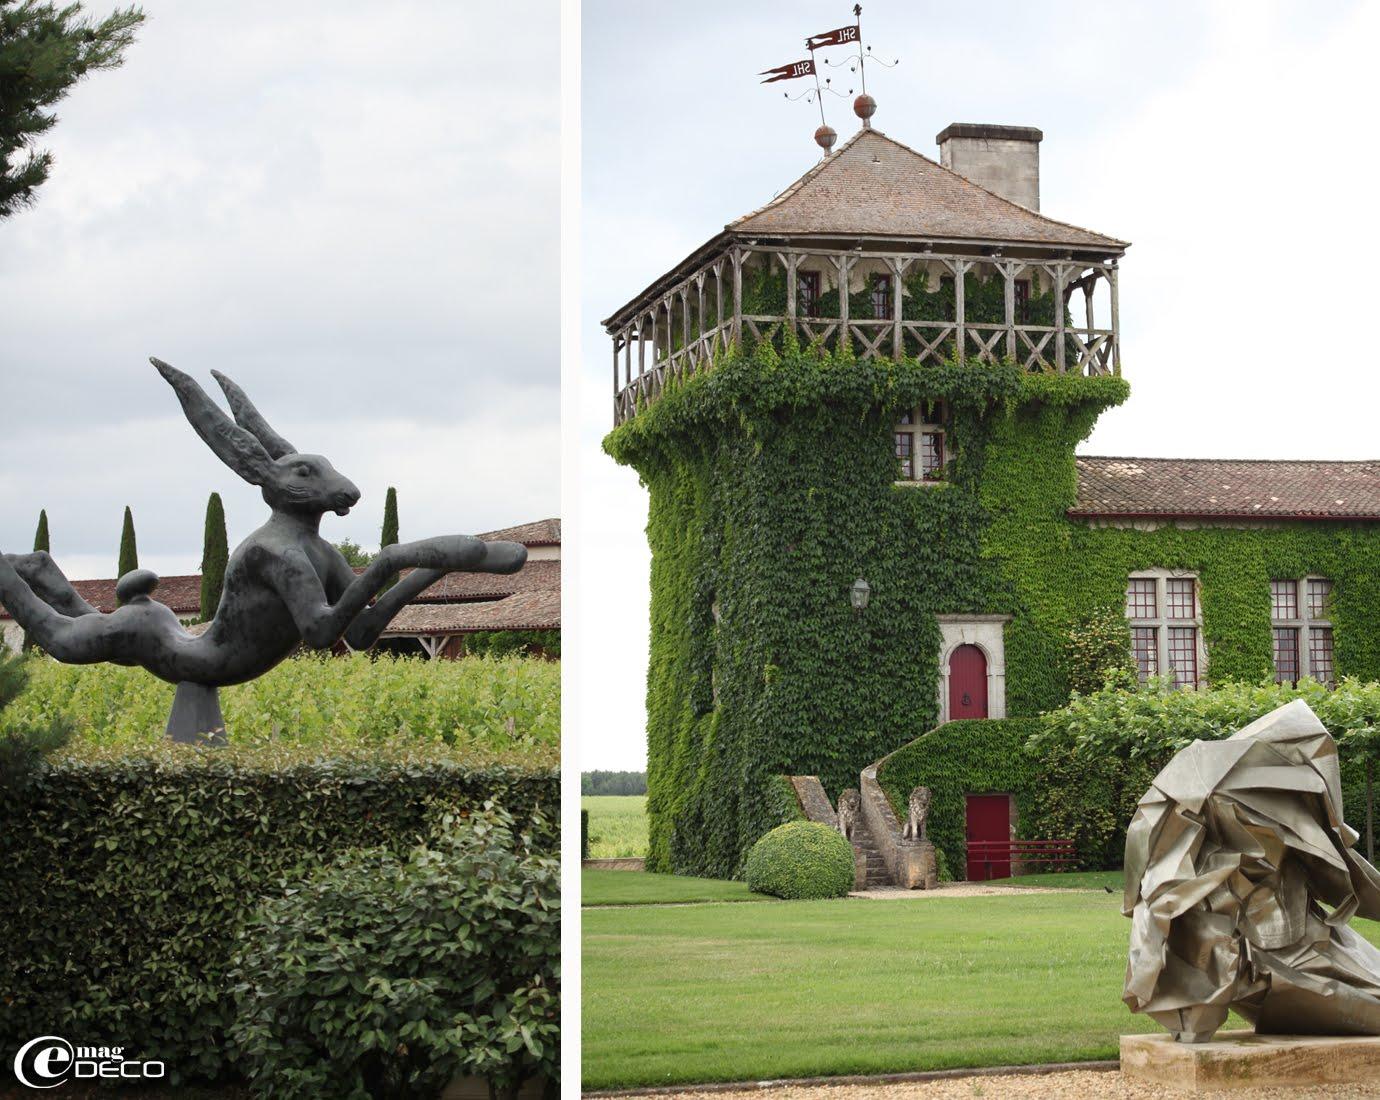 Château Smith Haut Lafitte, Grand cru classé de Bordeaux et lièvre en bronze du sculpteur Barry Flanagan